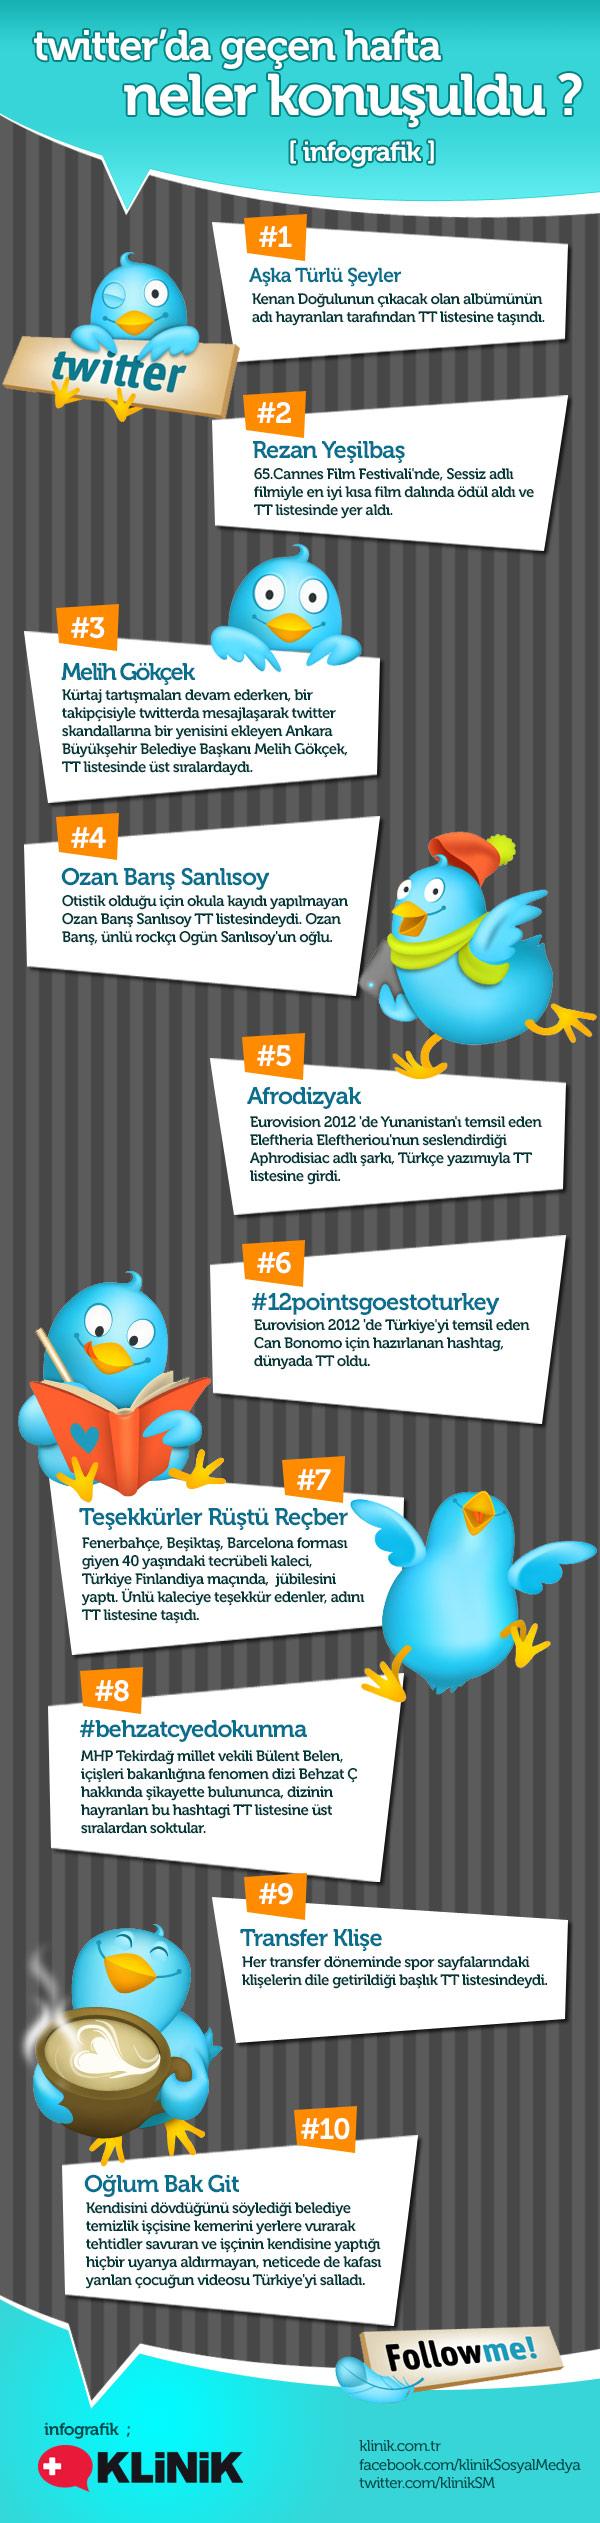 Twitter'da Geçen Hafta Ne Konuşuldu? [İnfografik]